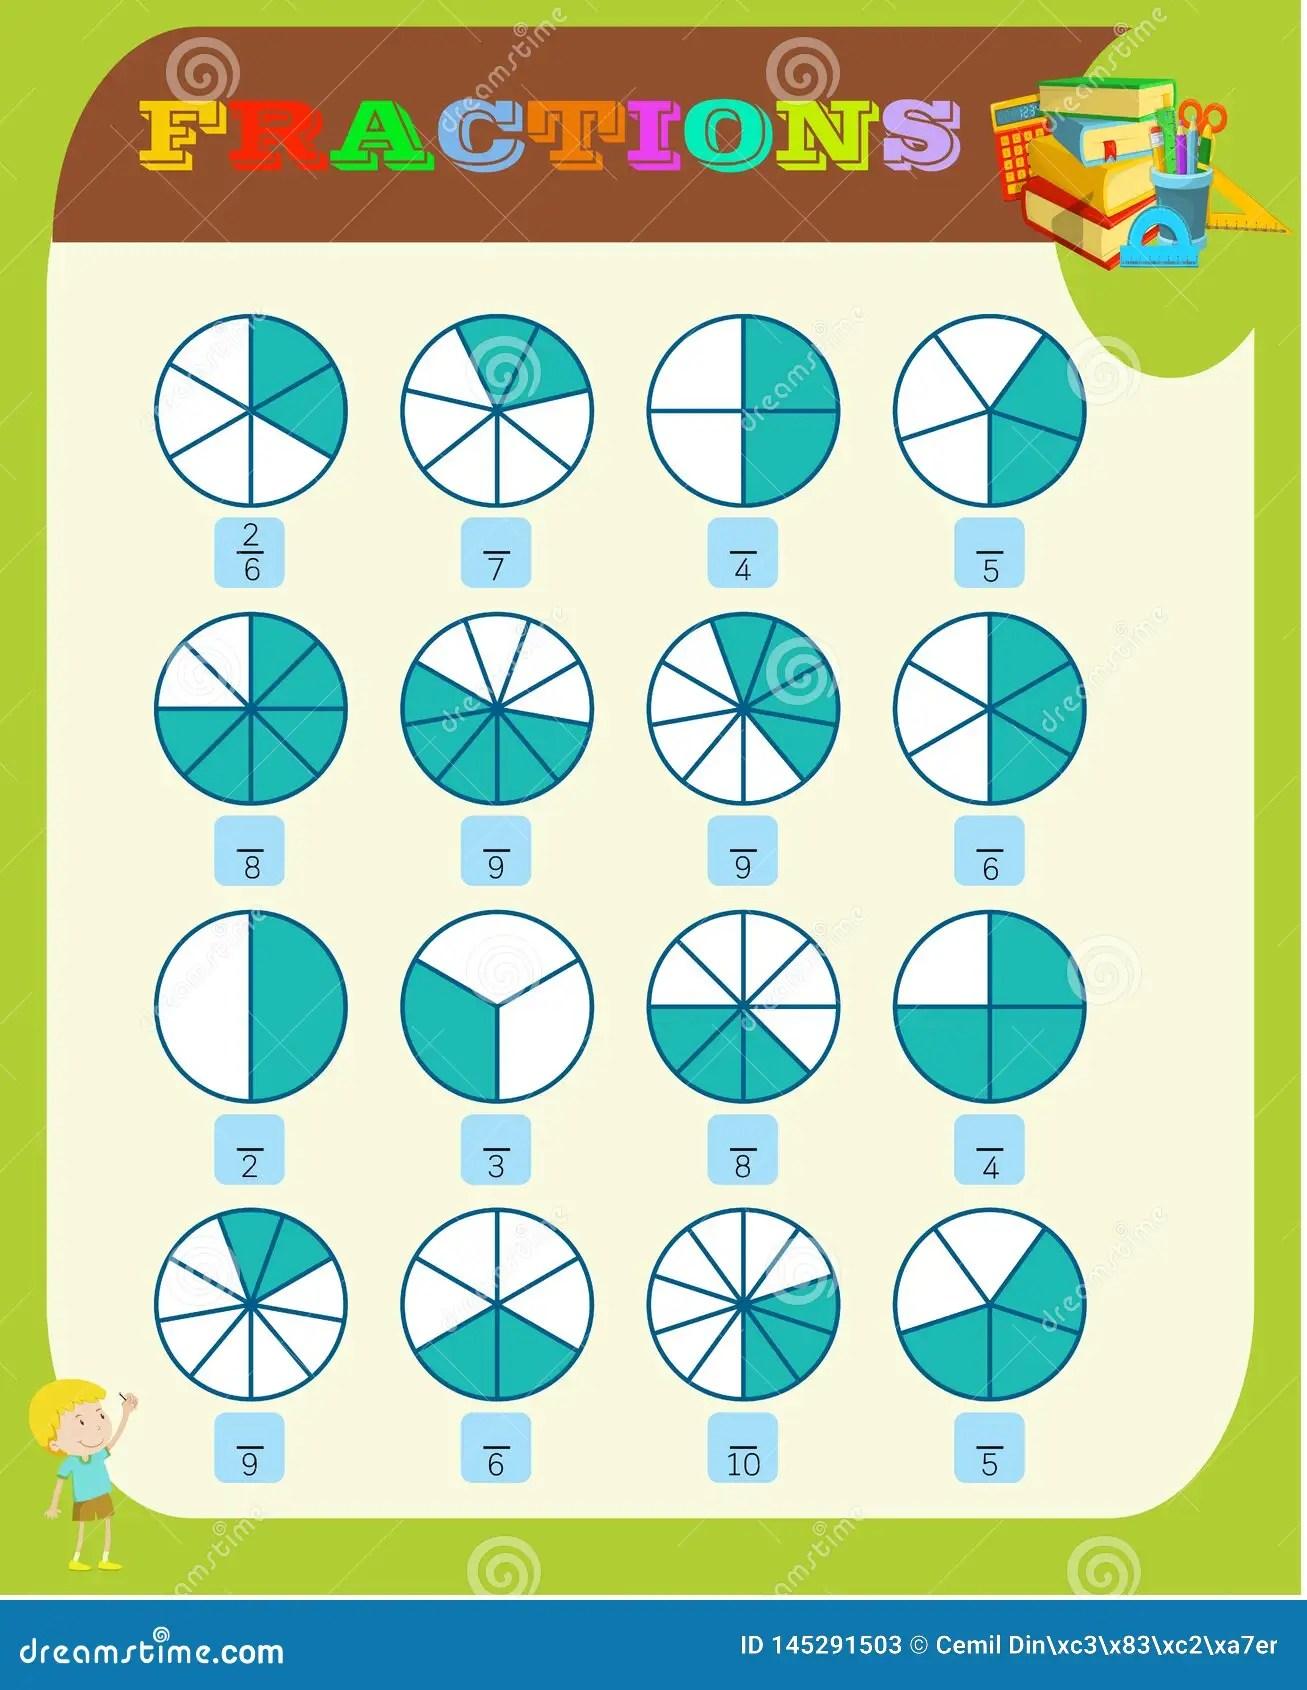 Entourez La Fraction Correcte Les Math Matiques Fiche De